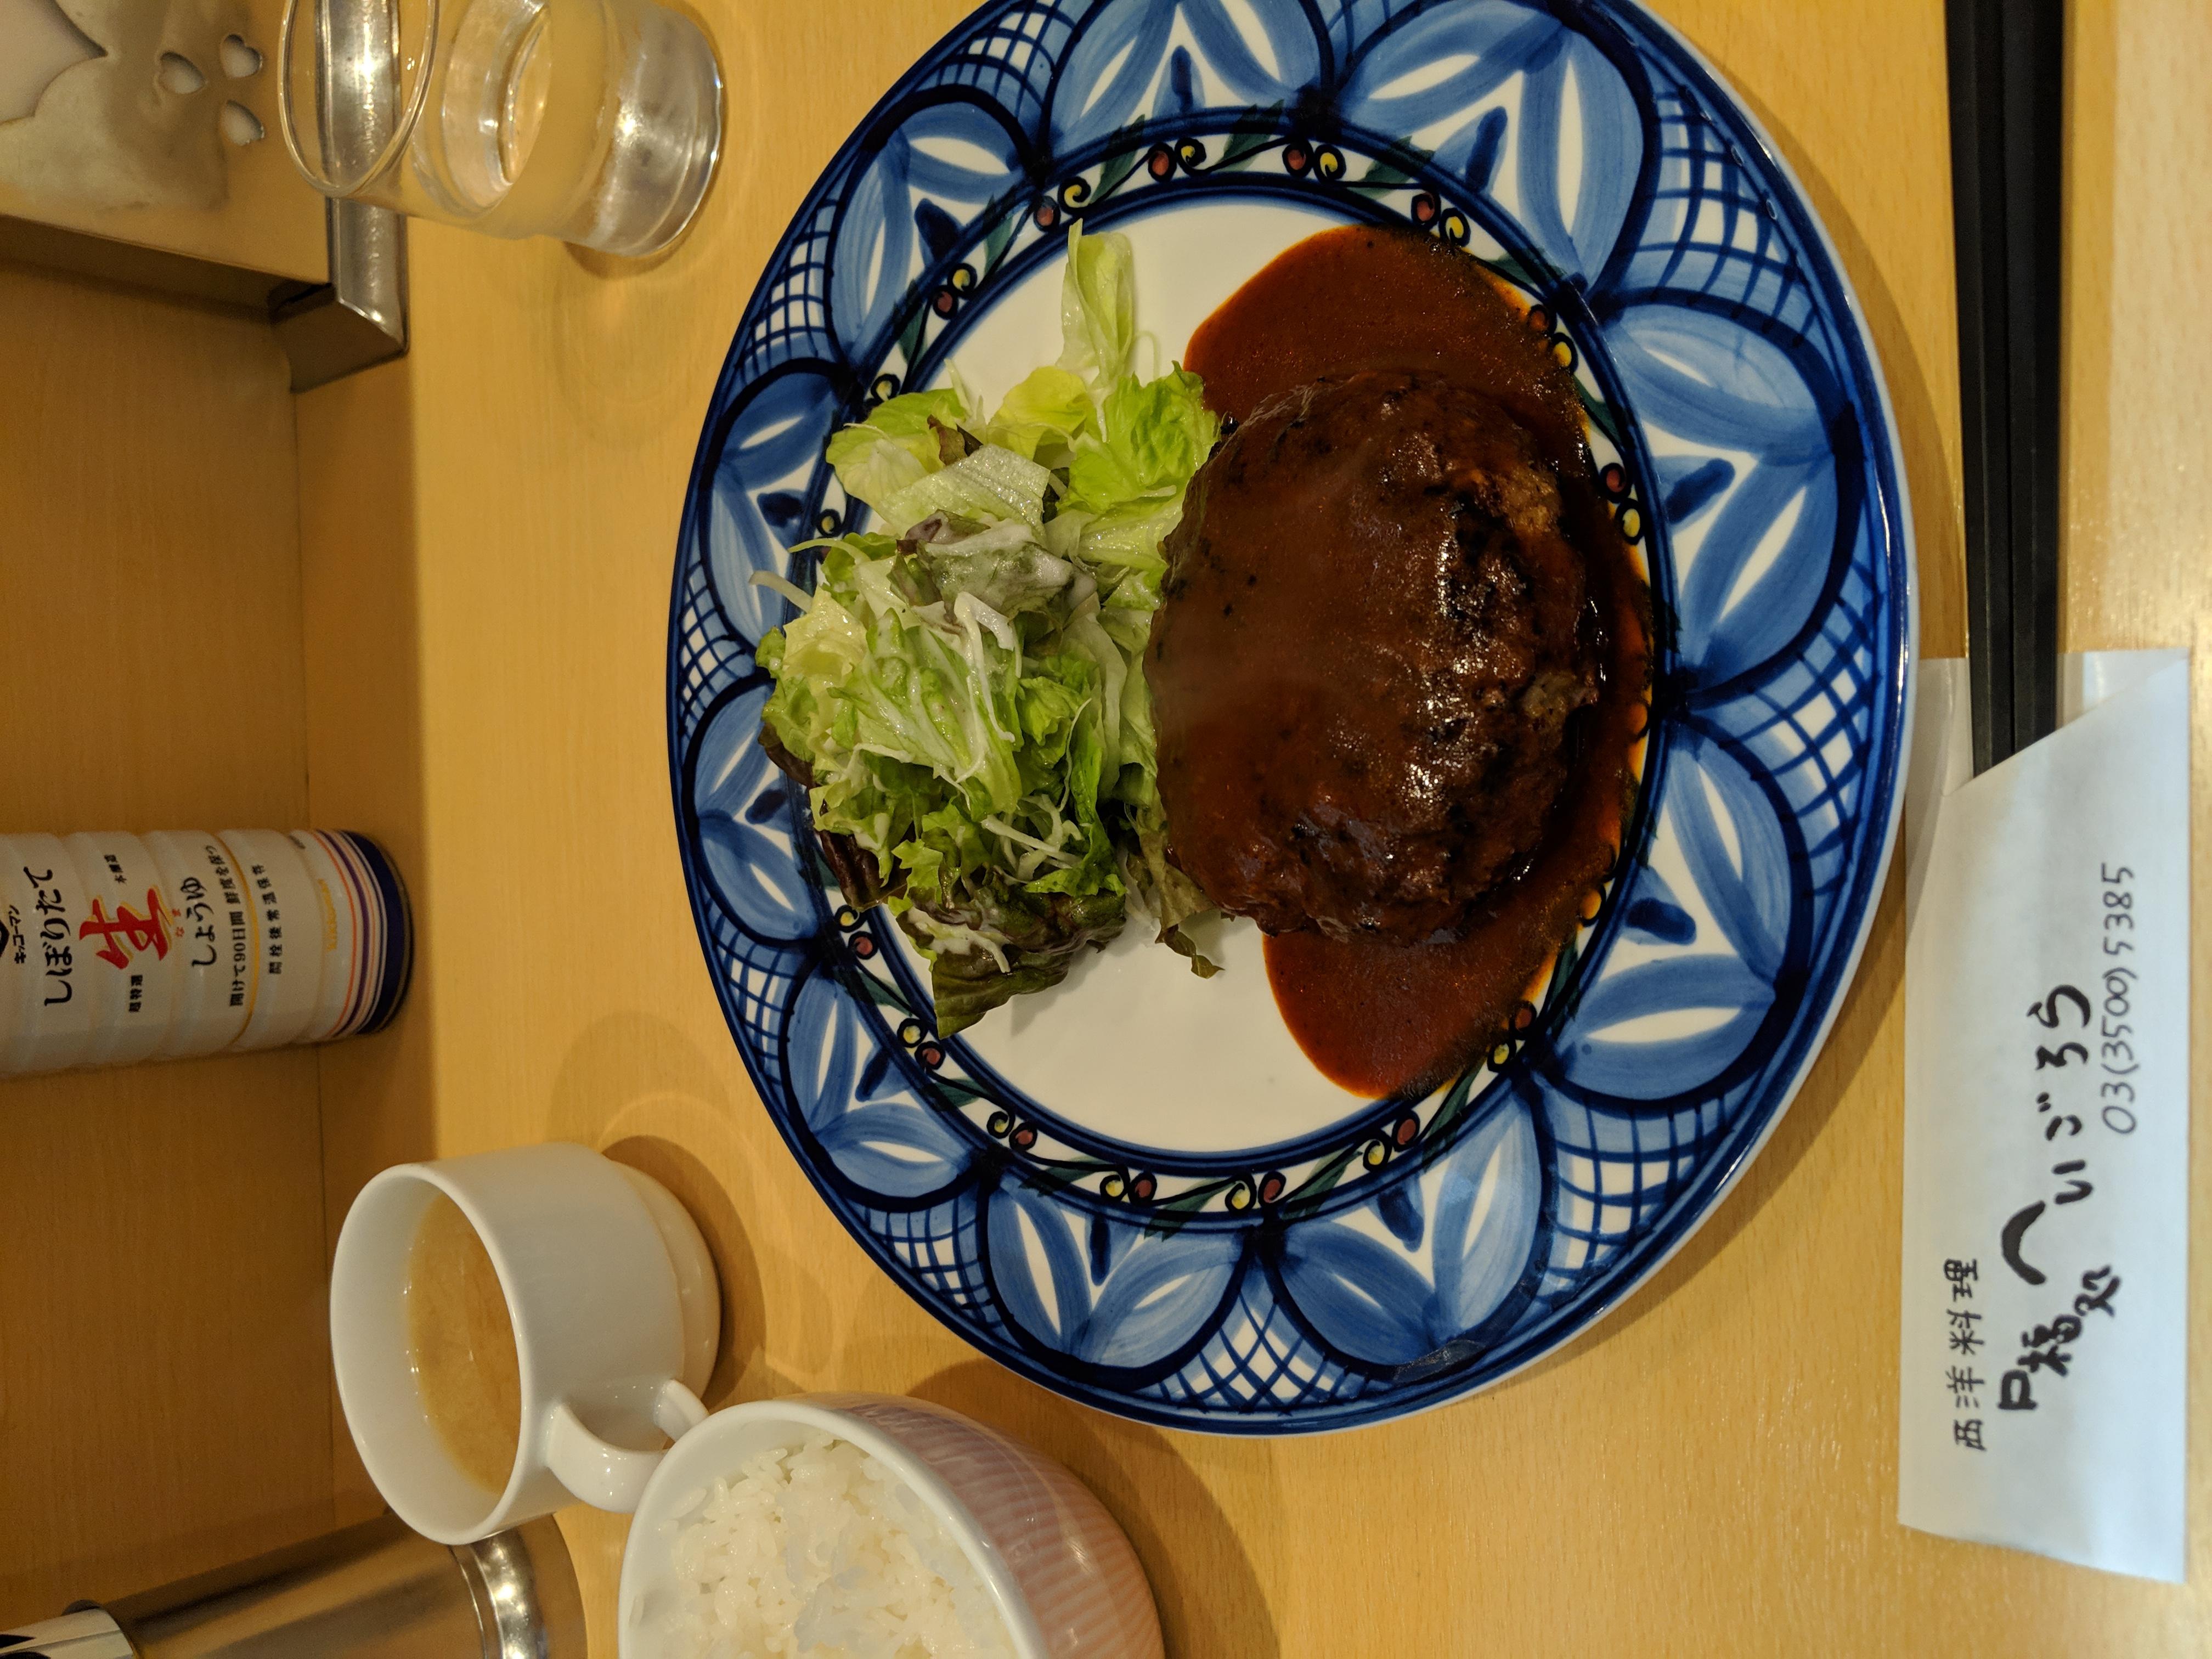 (虎ノ門)日本一美味しいハンバーグがある場所とは